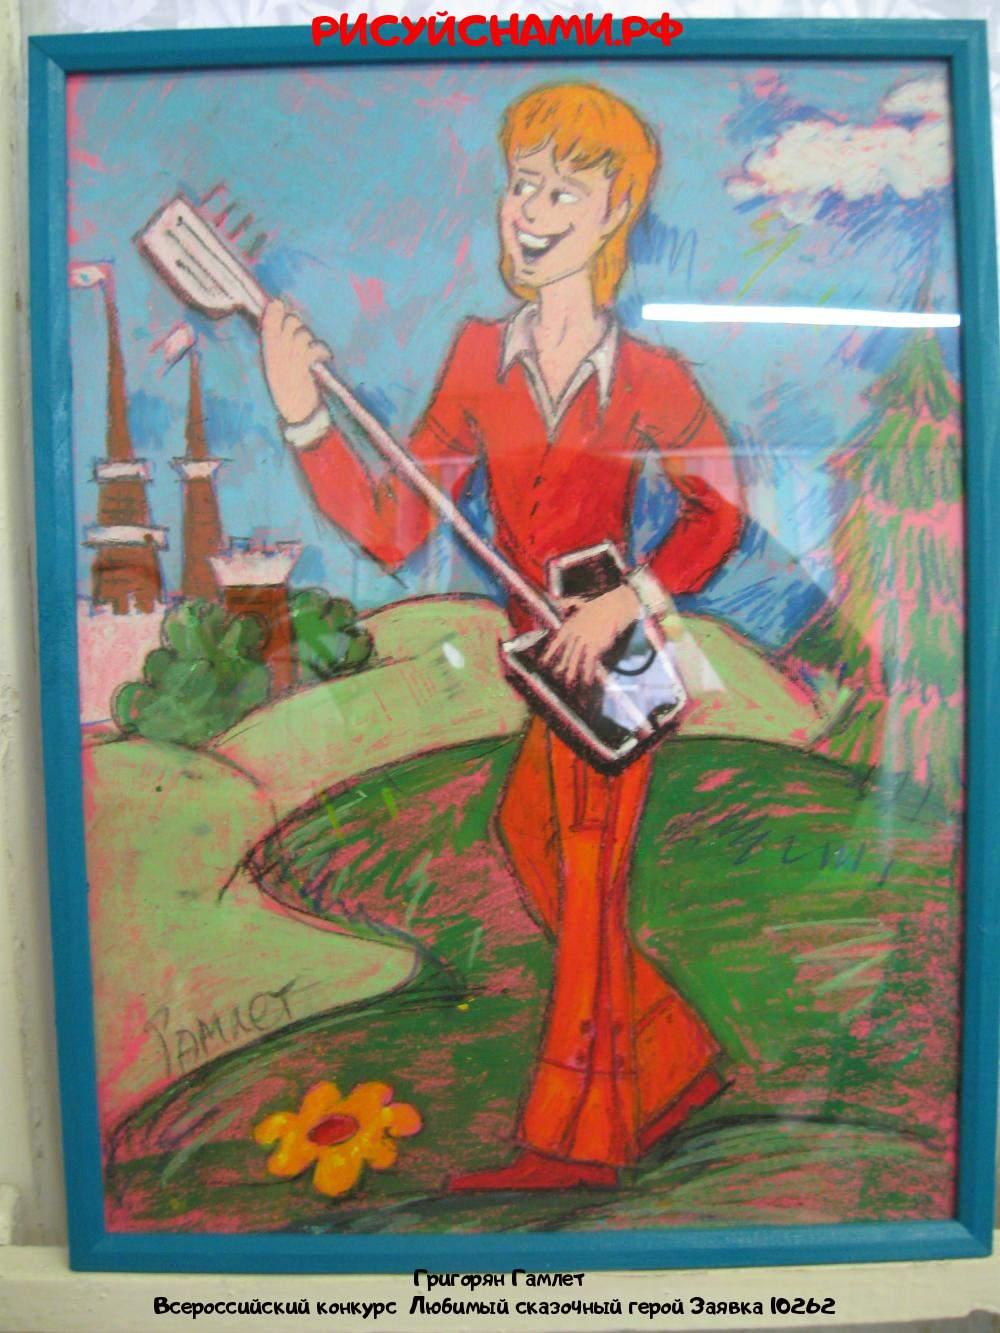 Всероссийский конкурс  Любимый сказочный герой Заявка 10262  творческие конкурсы рисунков для школьников и дошкольников рисуй с нами #тмрисуйснами рисунок и поделка - Григорян Гамлет